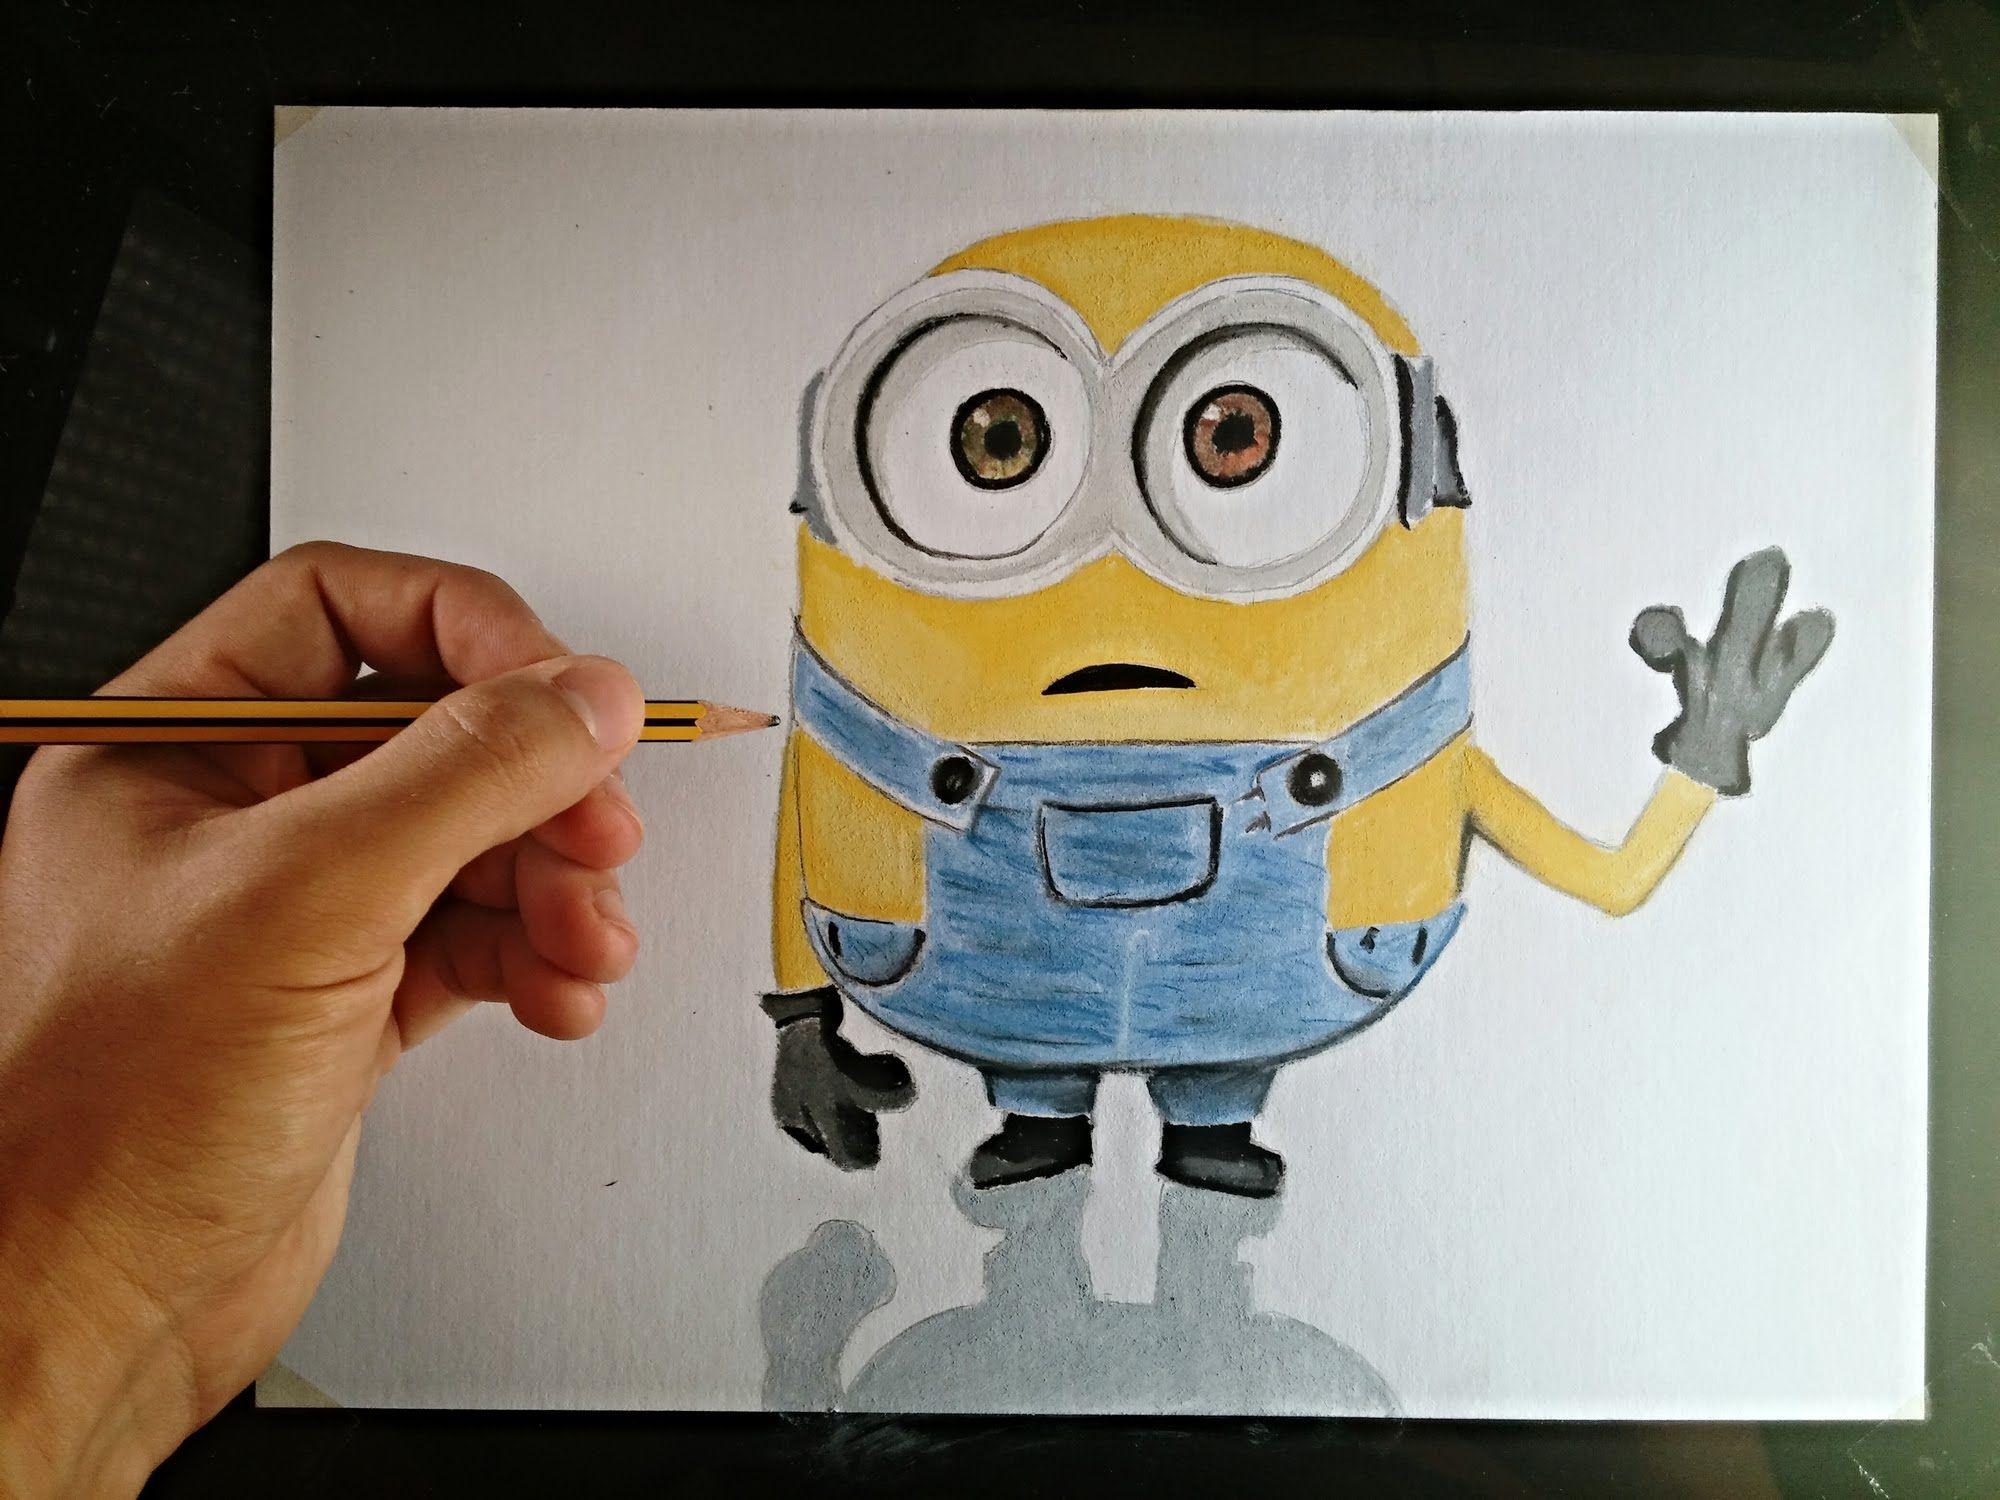 Cómo dibujar un Minion con lápices de colores | How to draw a Minion ...